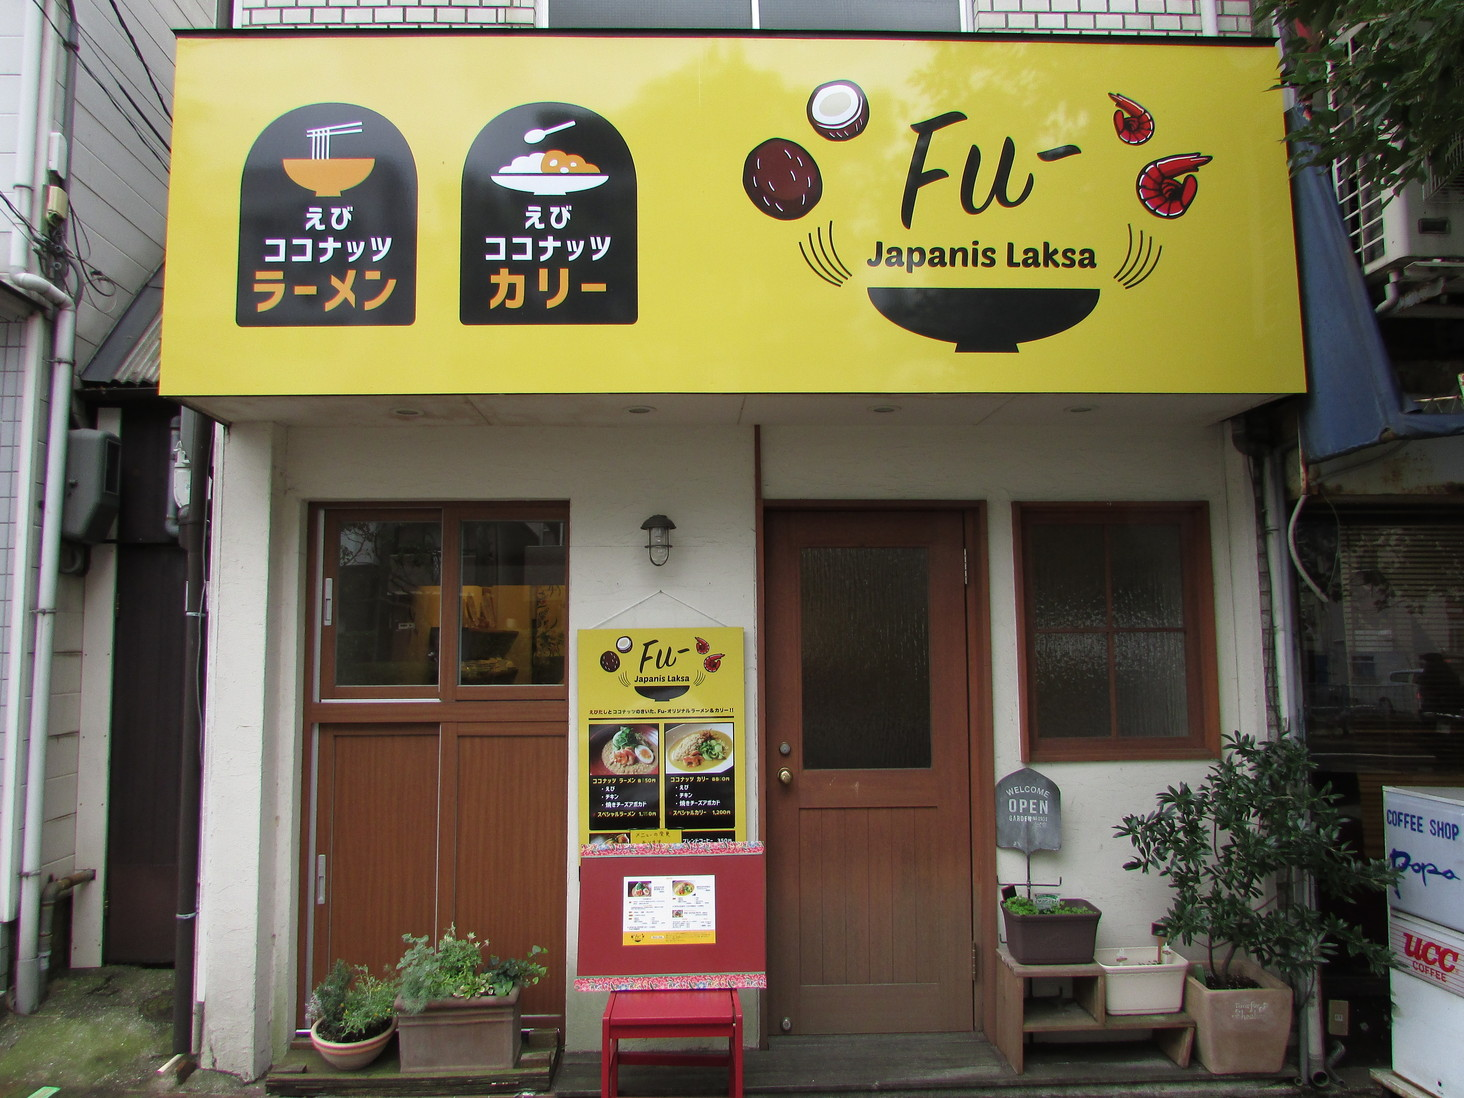 Fu-(Japanis Laksa)